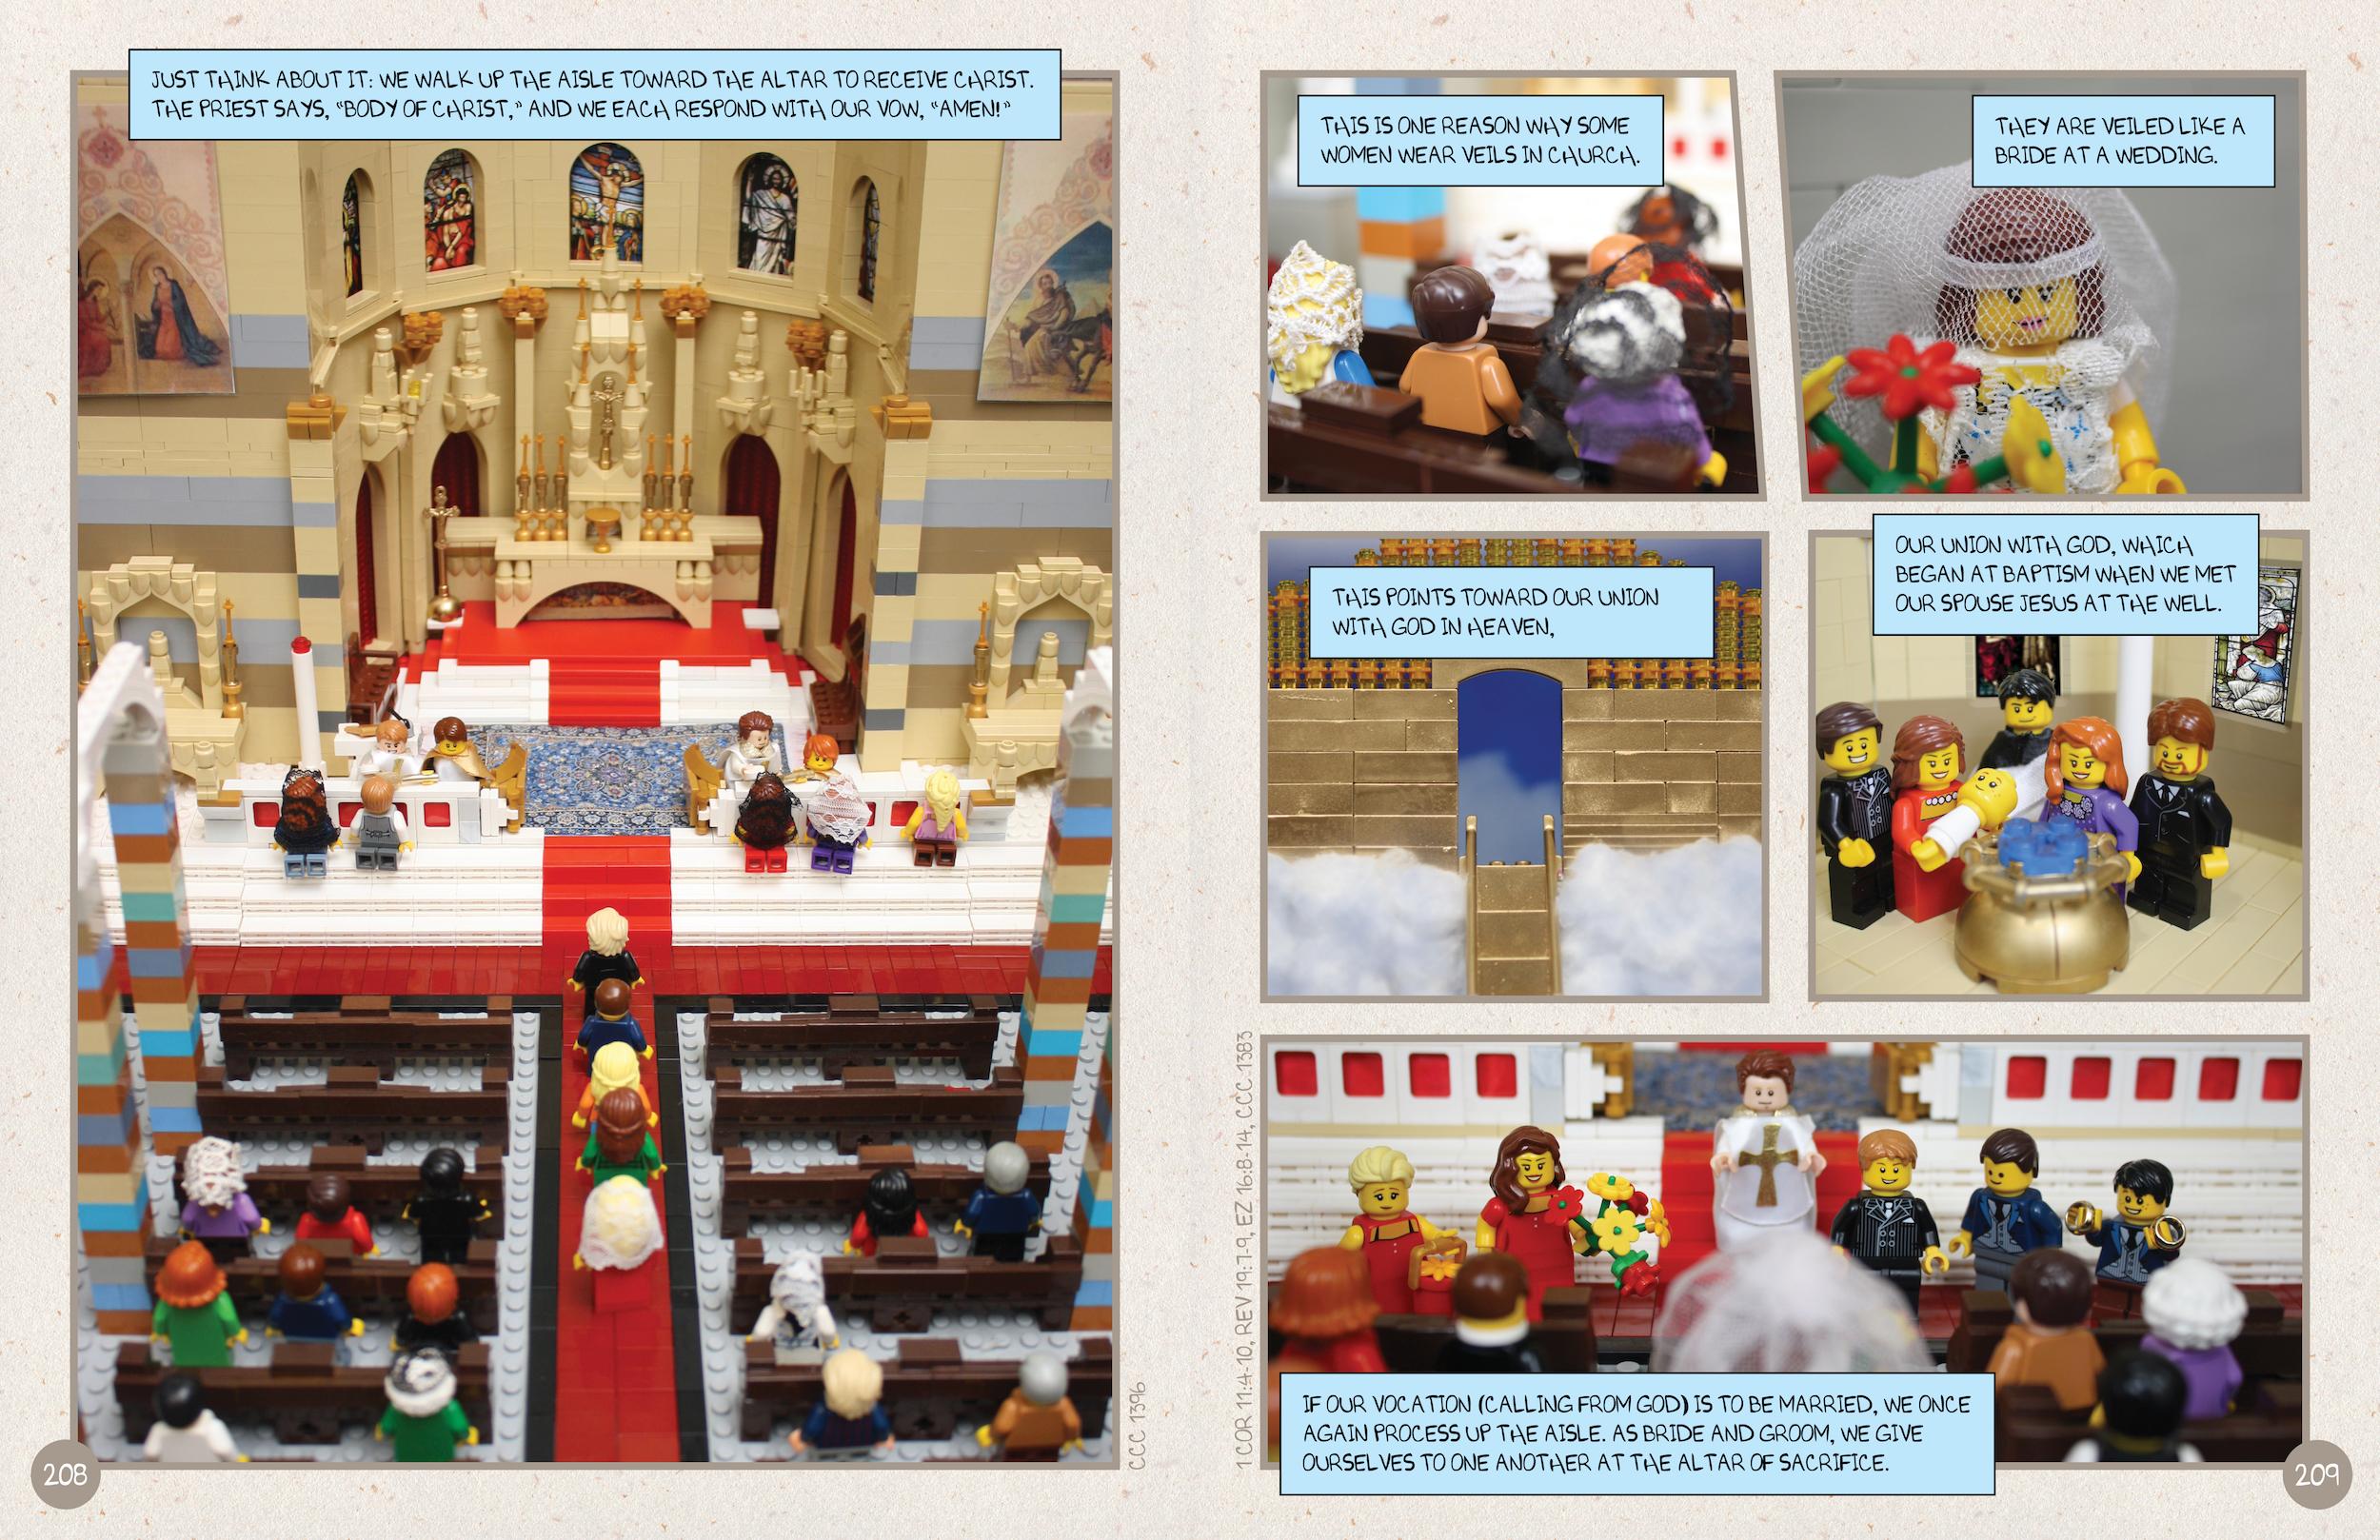 Page 208 eucharist.jpg